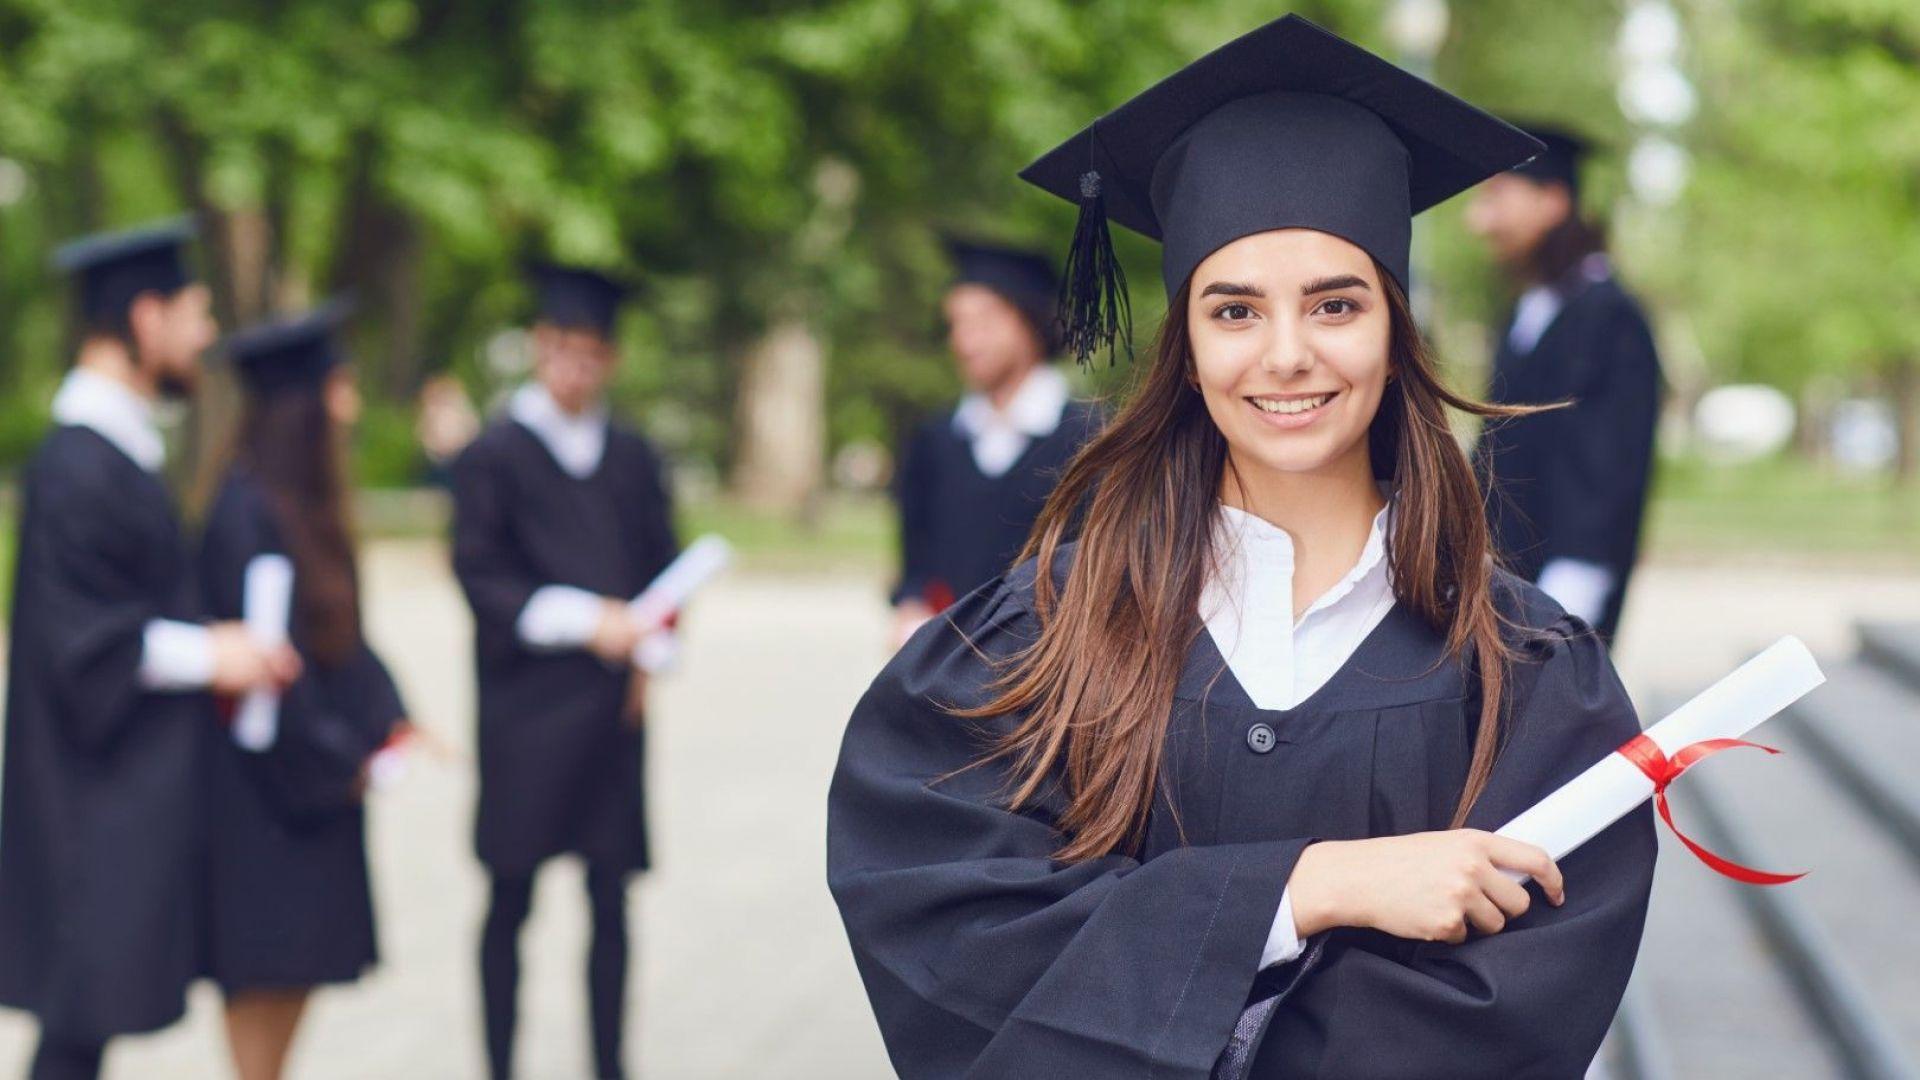 САЩ може да спира новоприетите студенти с онлайн обучение